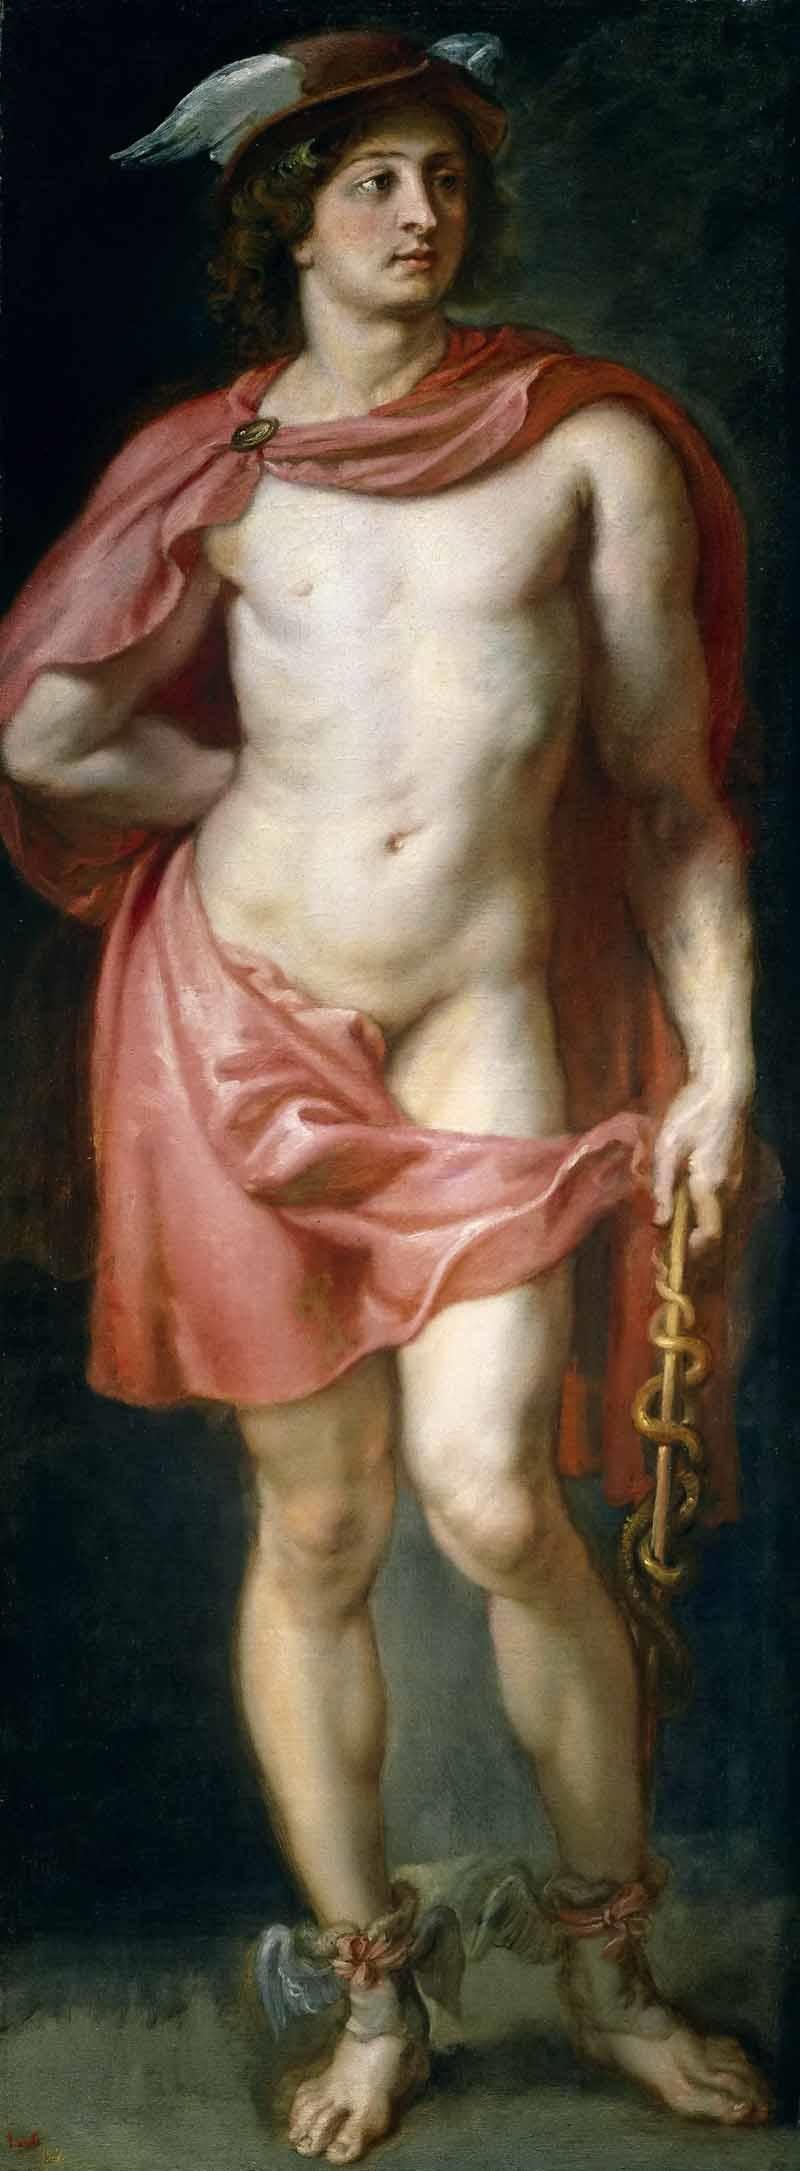 Гермес не рискнул сражаться с Лето и сразу признал своё поражение. Питер Пауль Рубенс «Меркурий» (он же Гермес), 1636-1638 годы Местонахождение: Музей Прадо, Мадрид, Испания